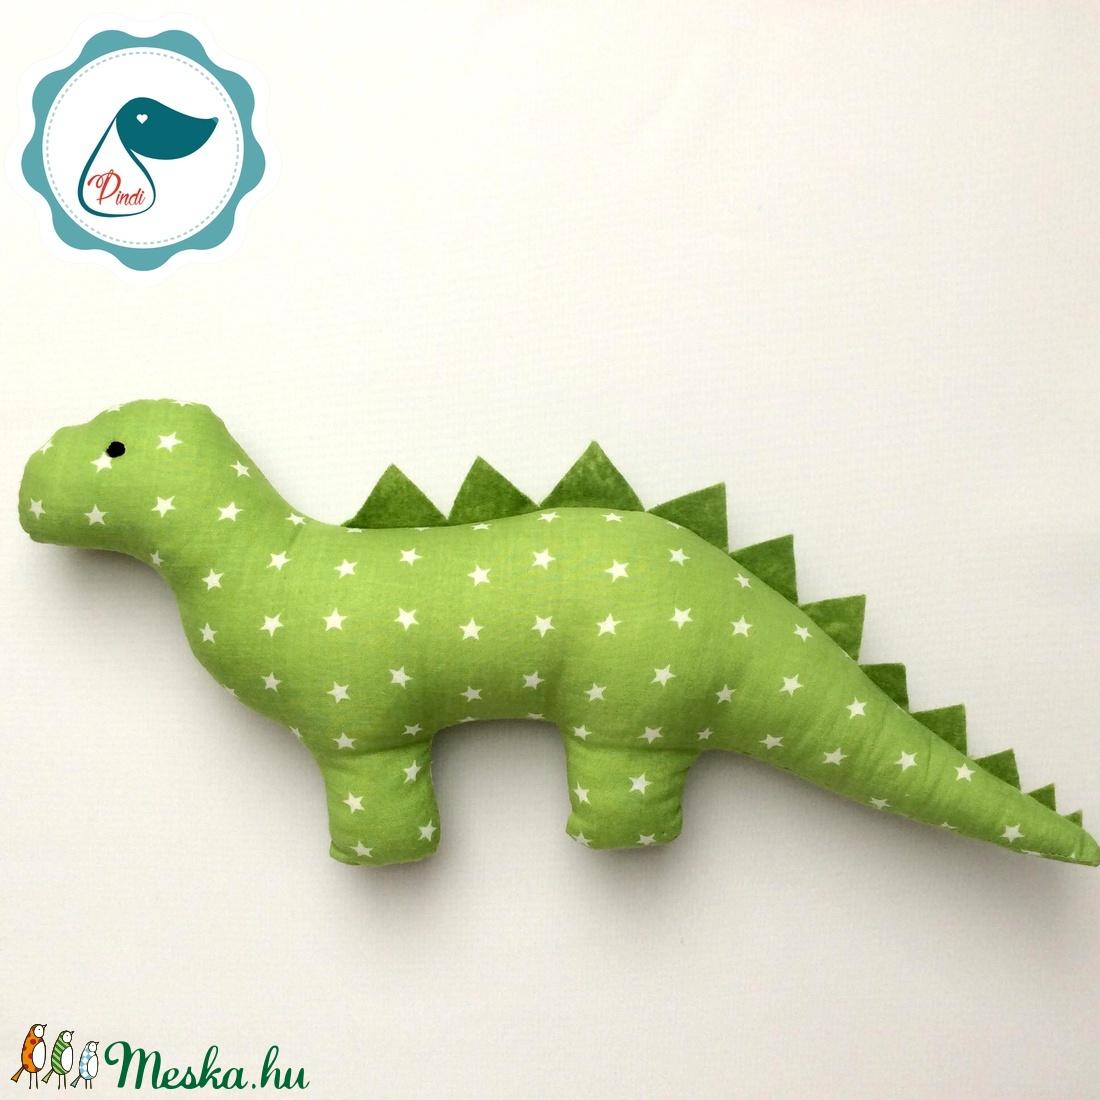 Dinószaurusz - zöld csillag mintás egyedi tervezésű kézműves játék - textiljáték - dinó gyerek játék - Meska.hu